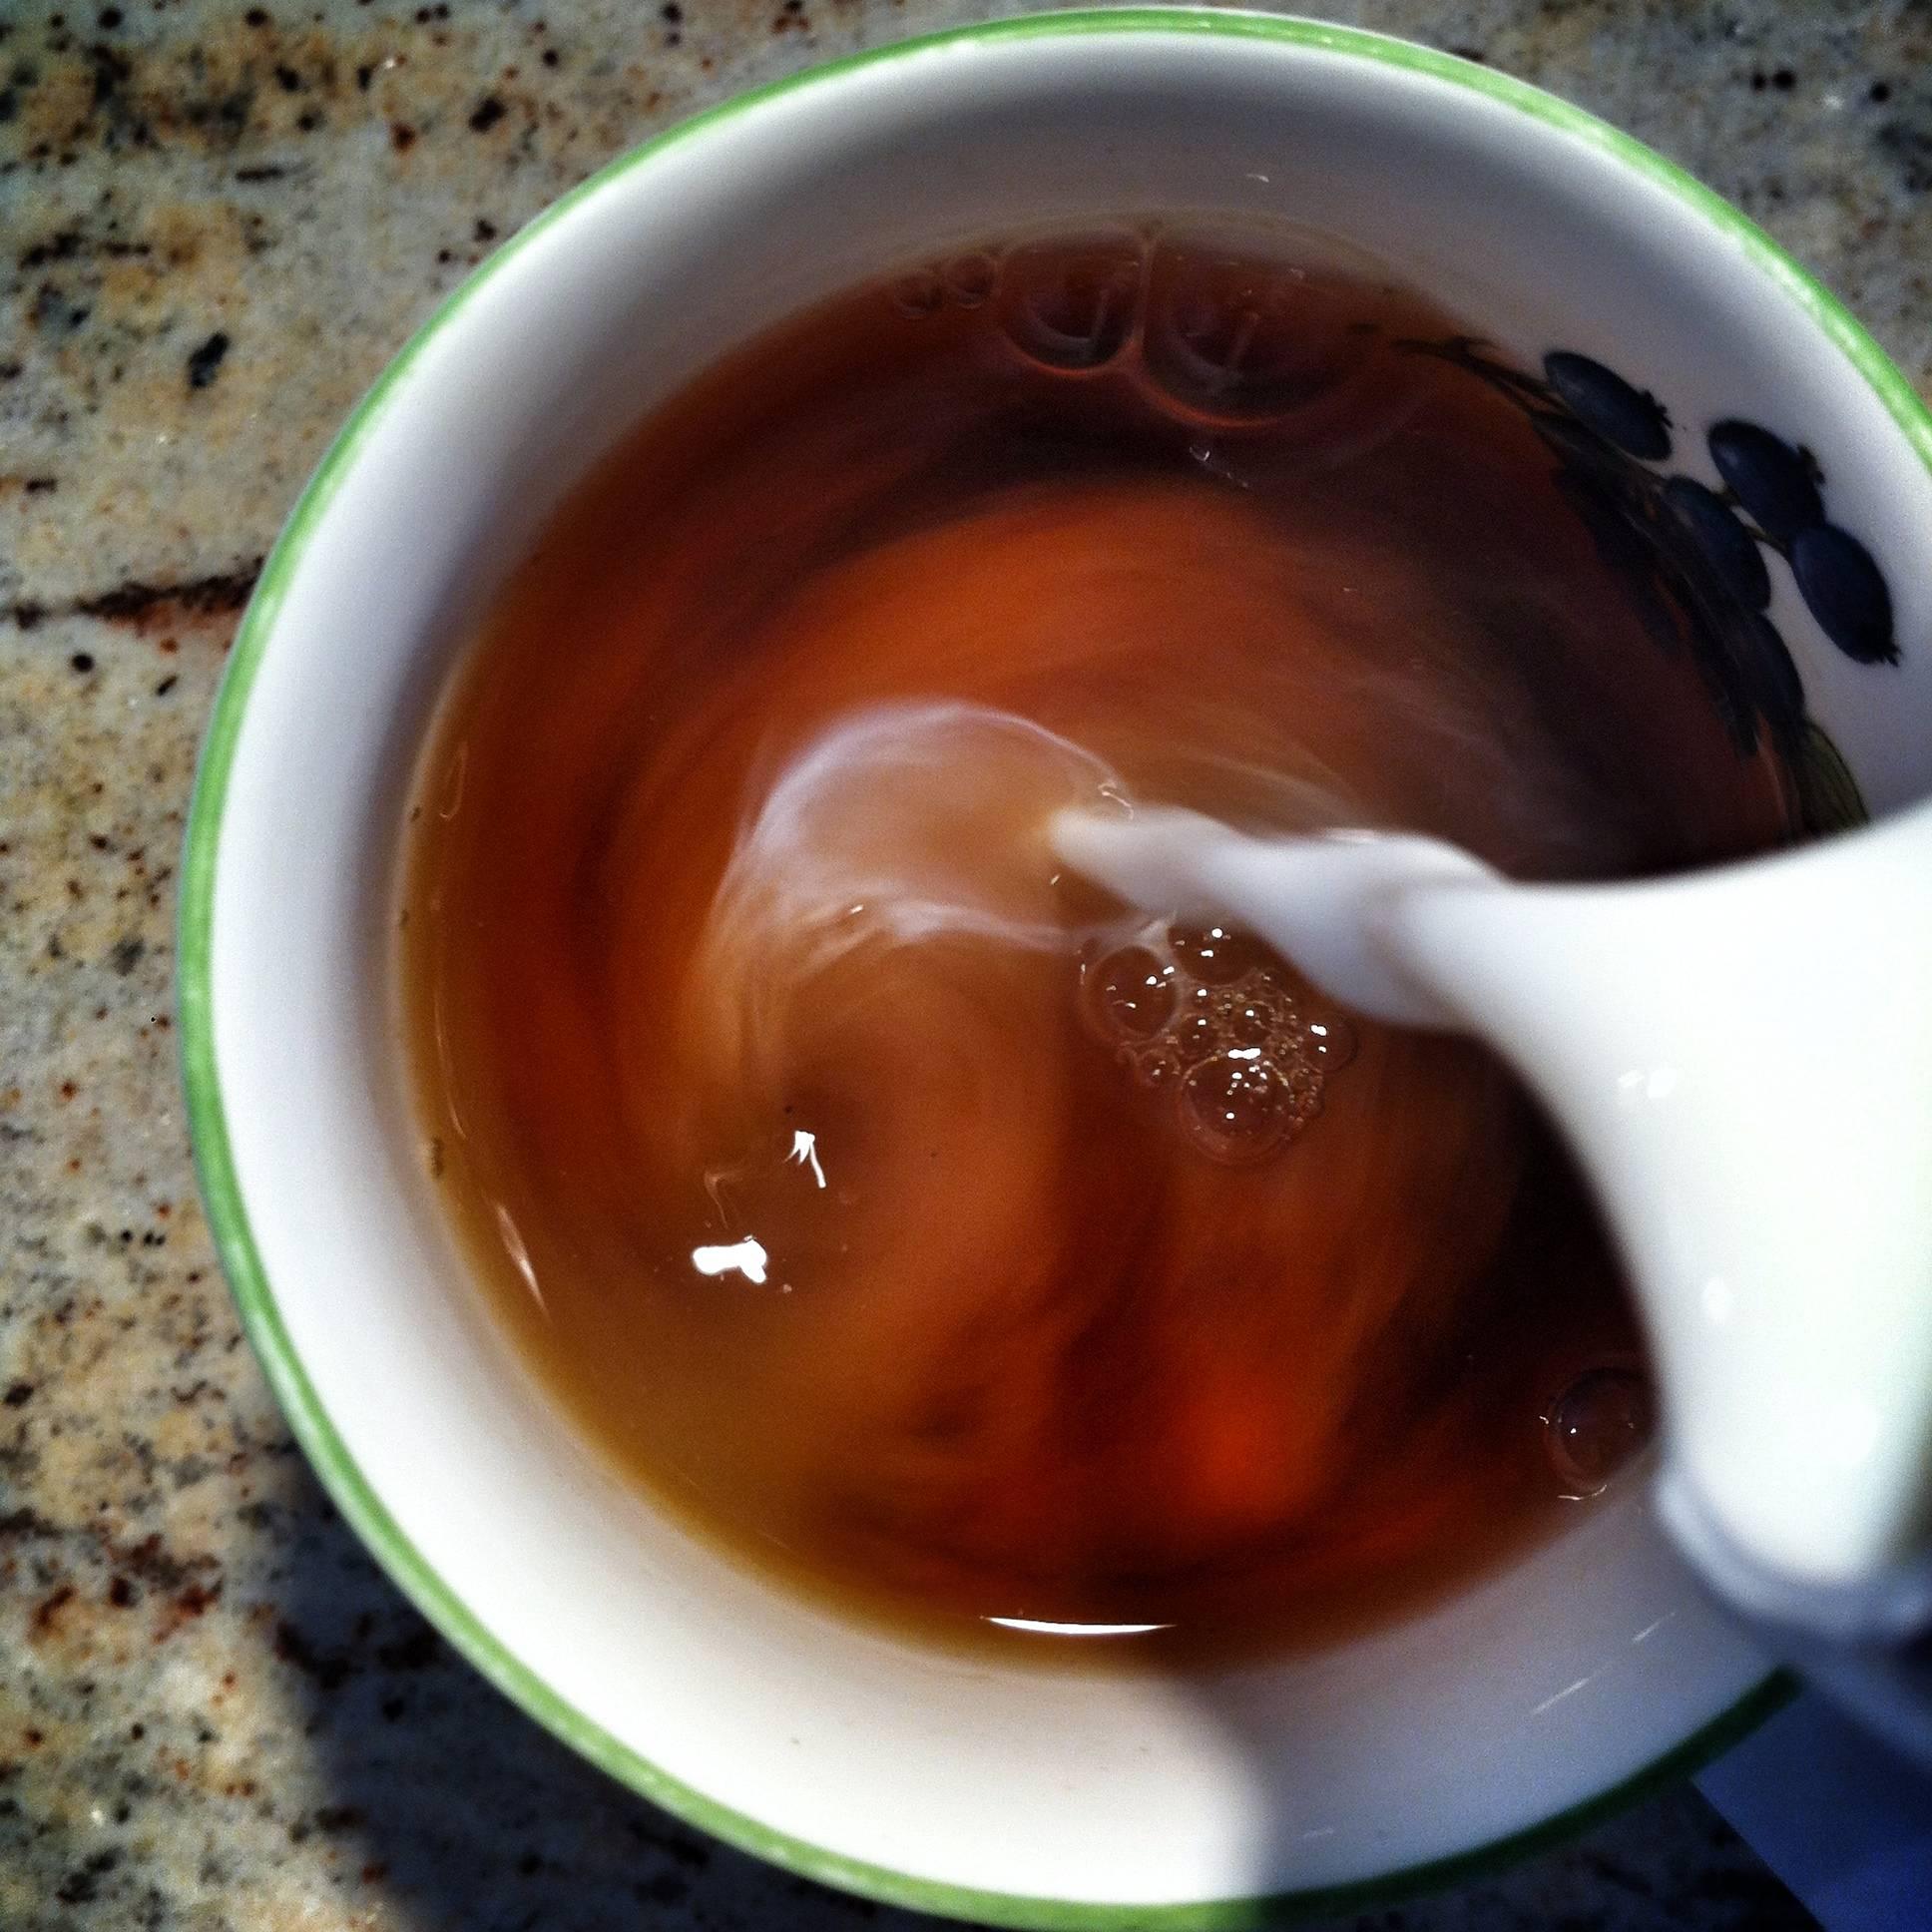 Ученые: чай с молоком вреден для здоровья